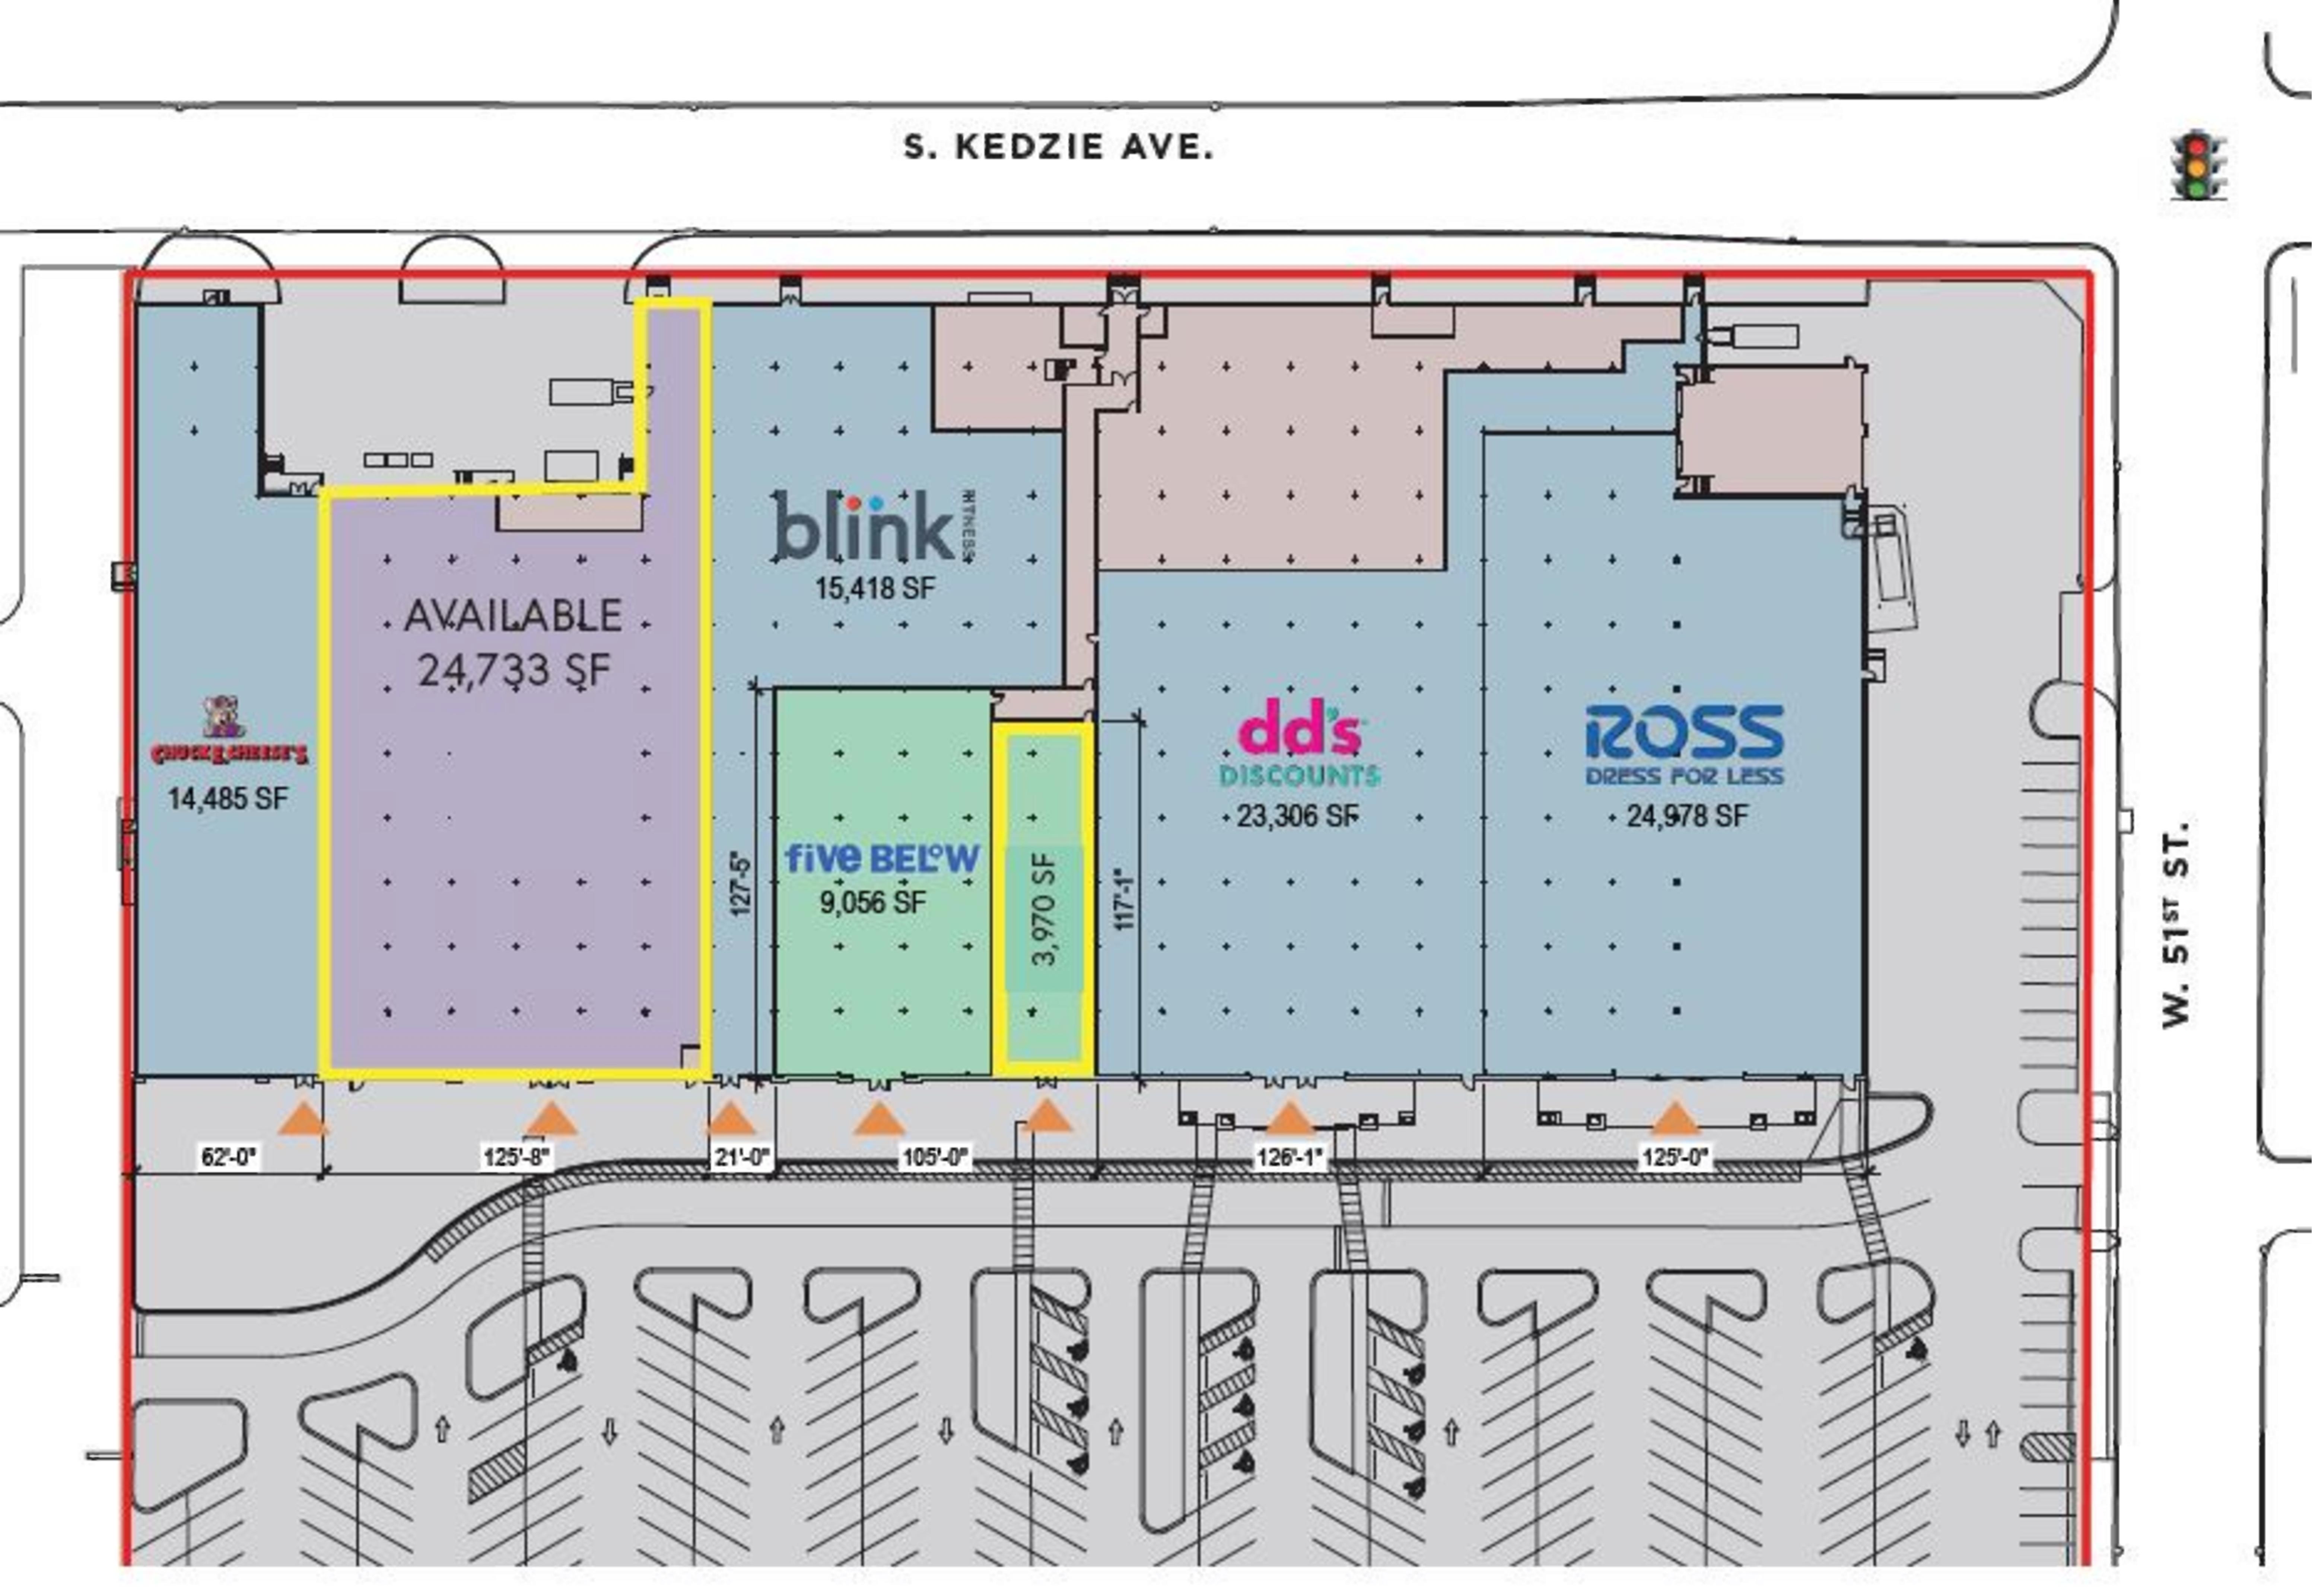 Kedzie Square: site plan